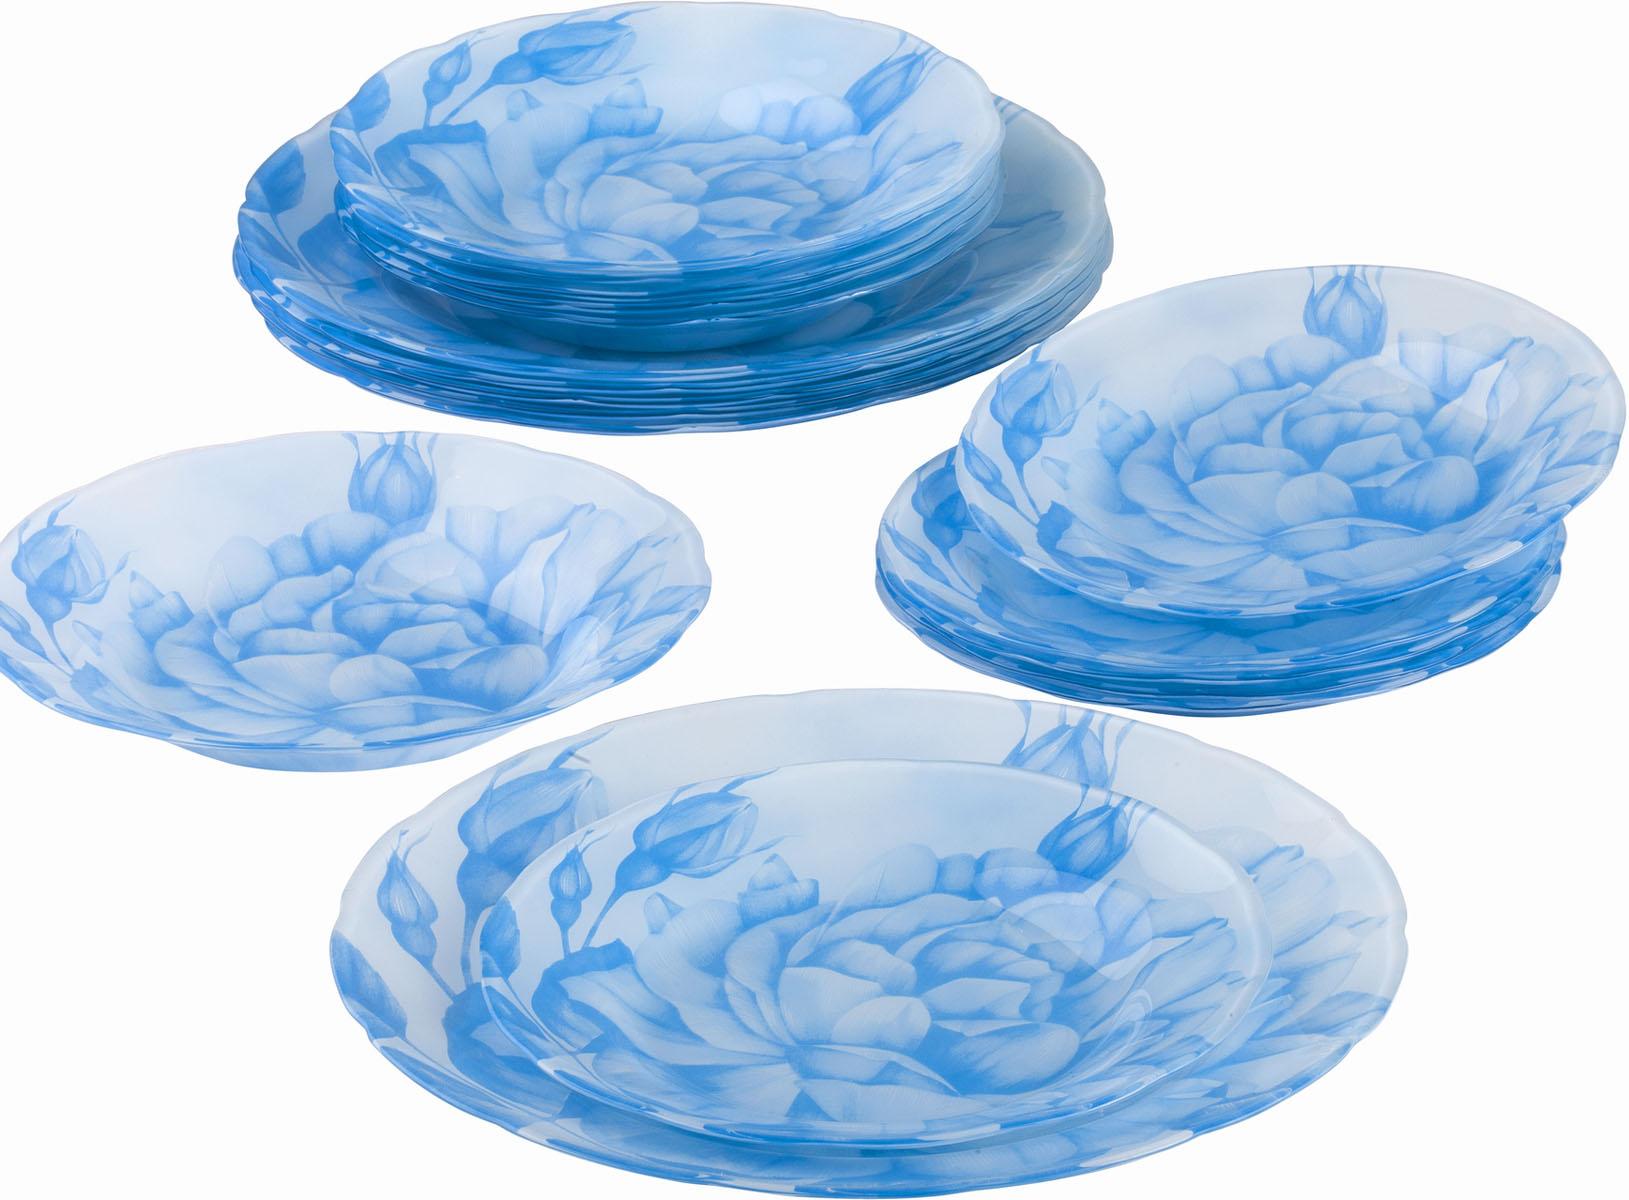 Сервиз обеденный Bekker Koch, 18 предметов. BK-9906BK-9906Обеденный сервиз Bekker Koch, изготовленный из высококачественного стекла, состоит из 6 суповых тарелок, 6 обеденных тарелок и 6 десертных тарелок. Изделия декорированы ярким изображением цветов. Такой сервиз придется по вкусу любителям классики, и тем, кто предпочитает утонченность и изысканность. Набор эффектно украсит стол к обеду, а также прекрасно подойдет для торжественных случаев. Не рекомендуется мыть в посудомоечной машине.